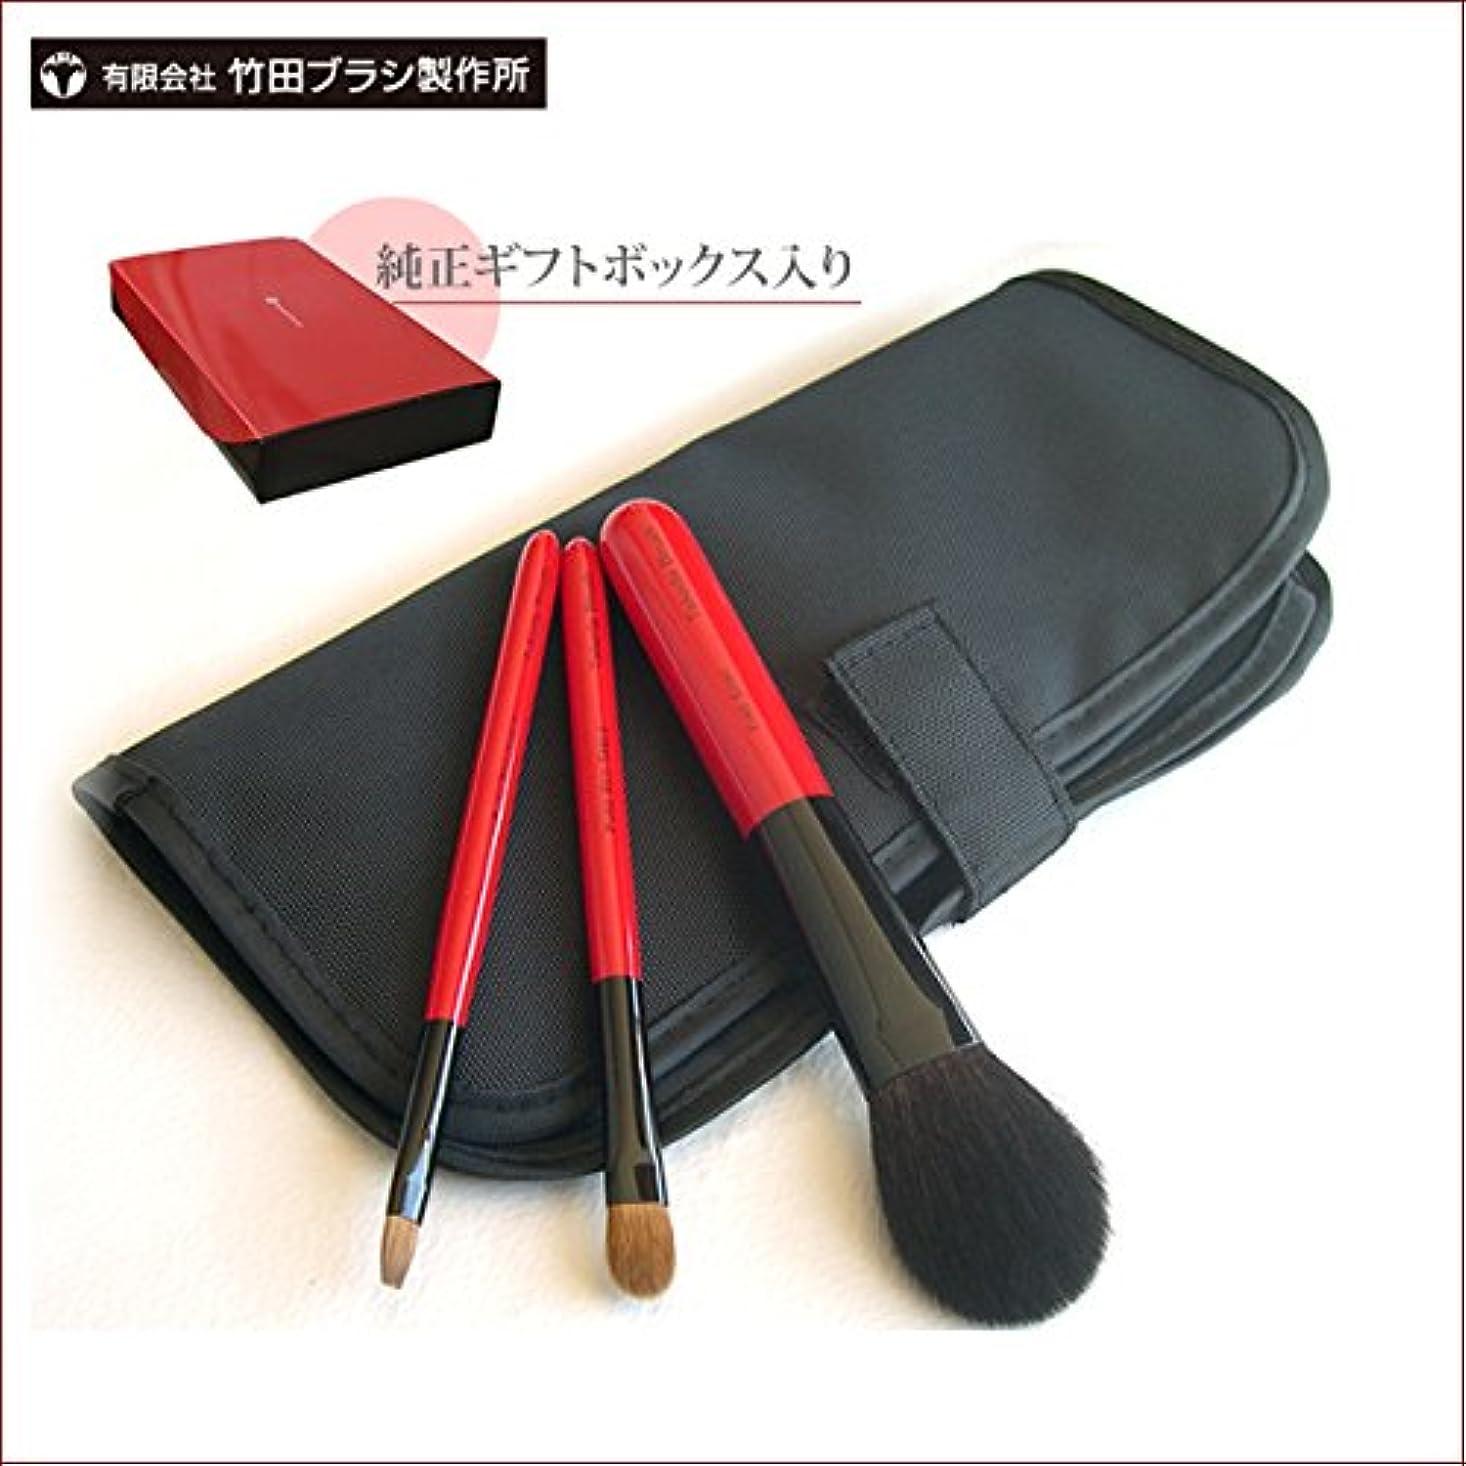 レーニン主義侵入する製造有限会社竹田ブラシ製作所の熊野化粧筆 特別3本セット (純正ギフトボックス入り)